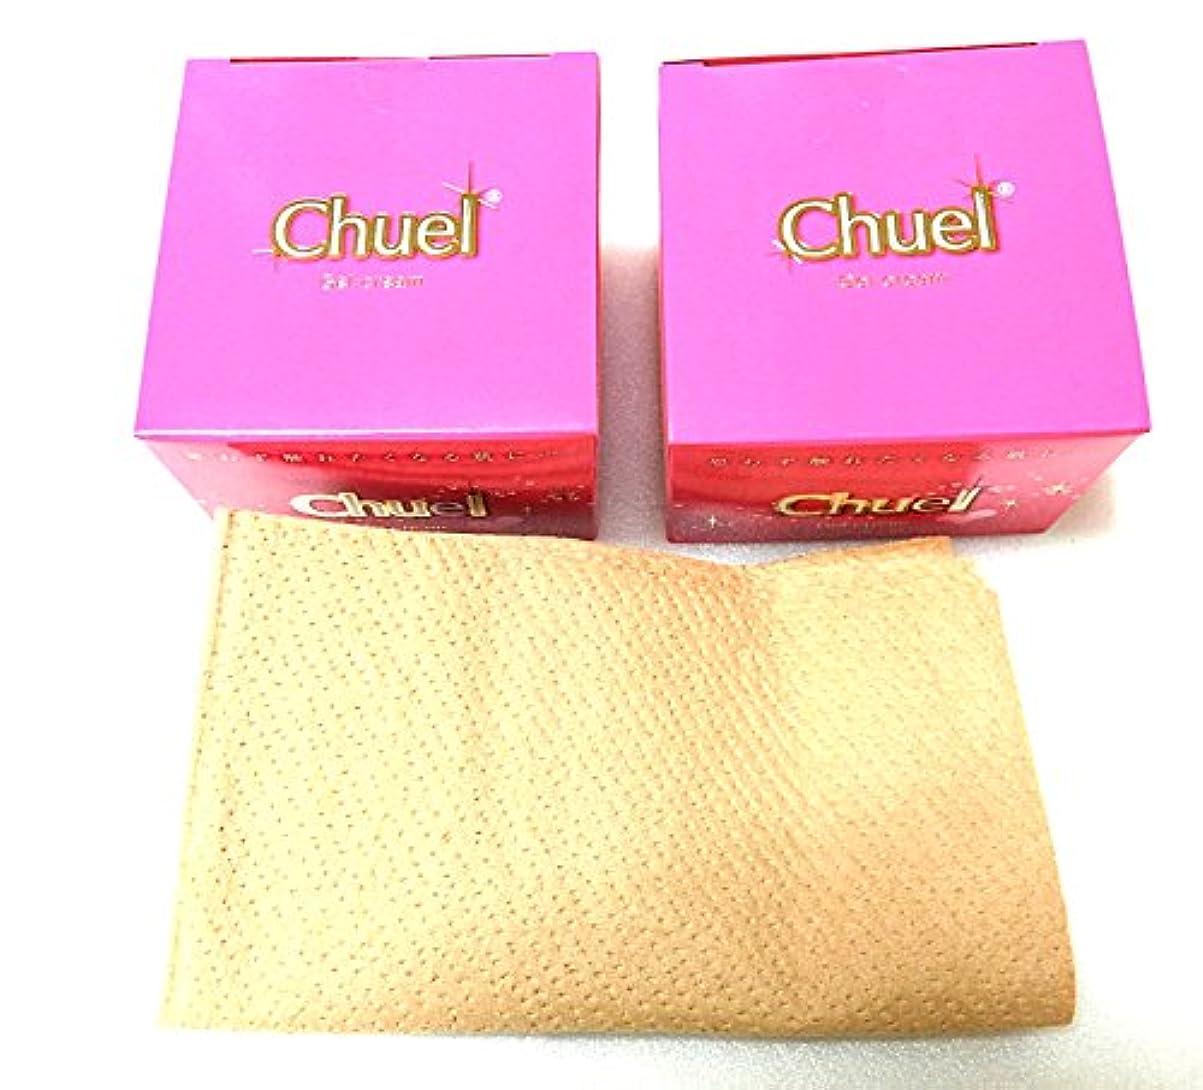 可動シルエット汚すNEW Chuel(チュエル) 増量 180g 2個セット 使い捨て紙ウエス1枚付属